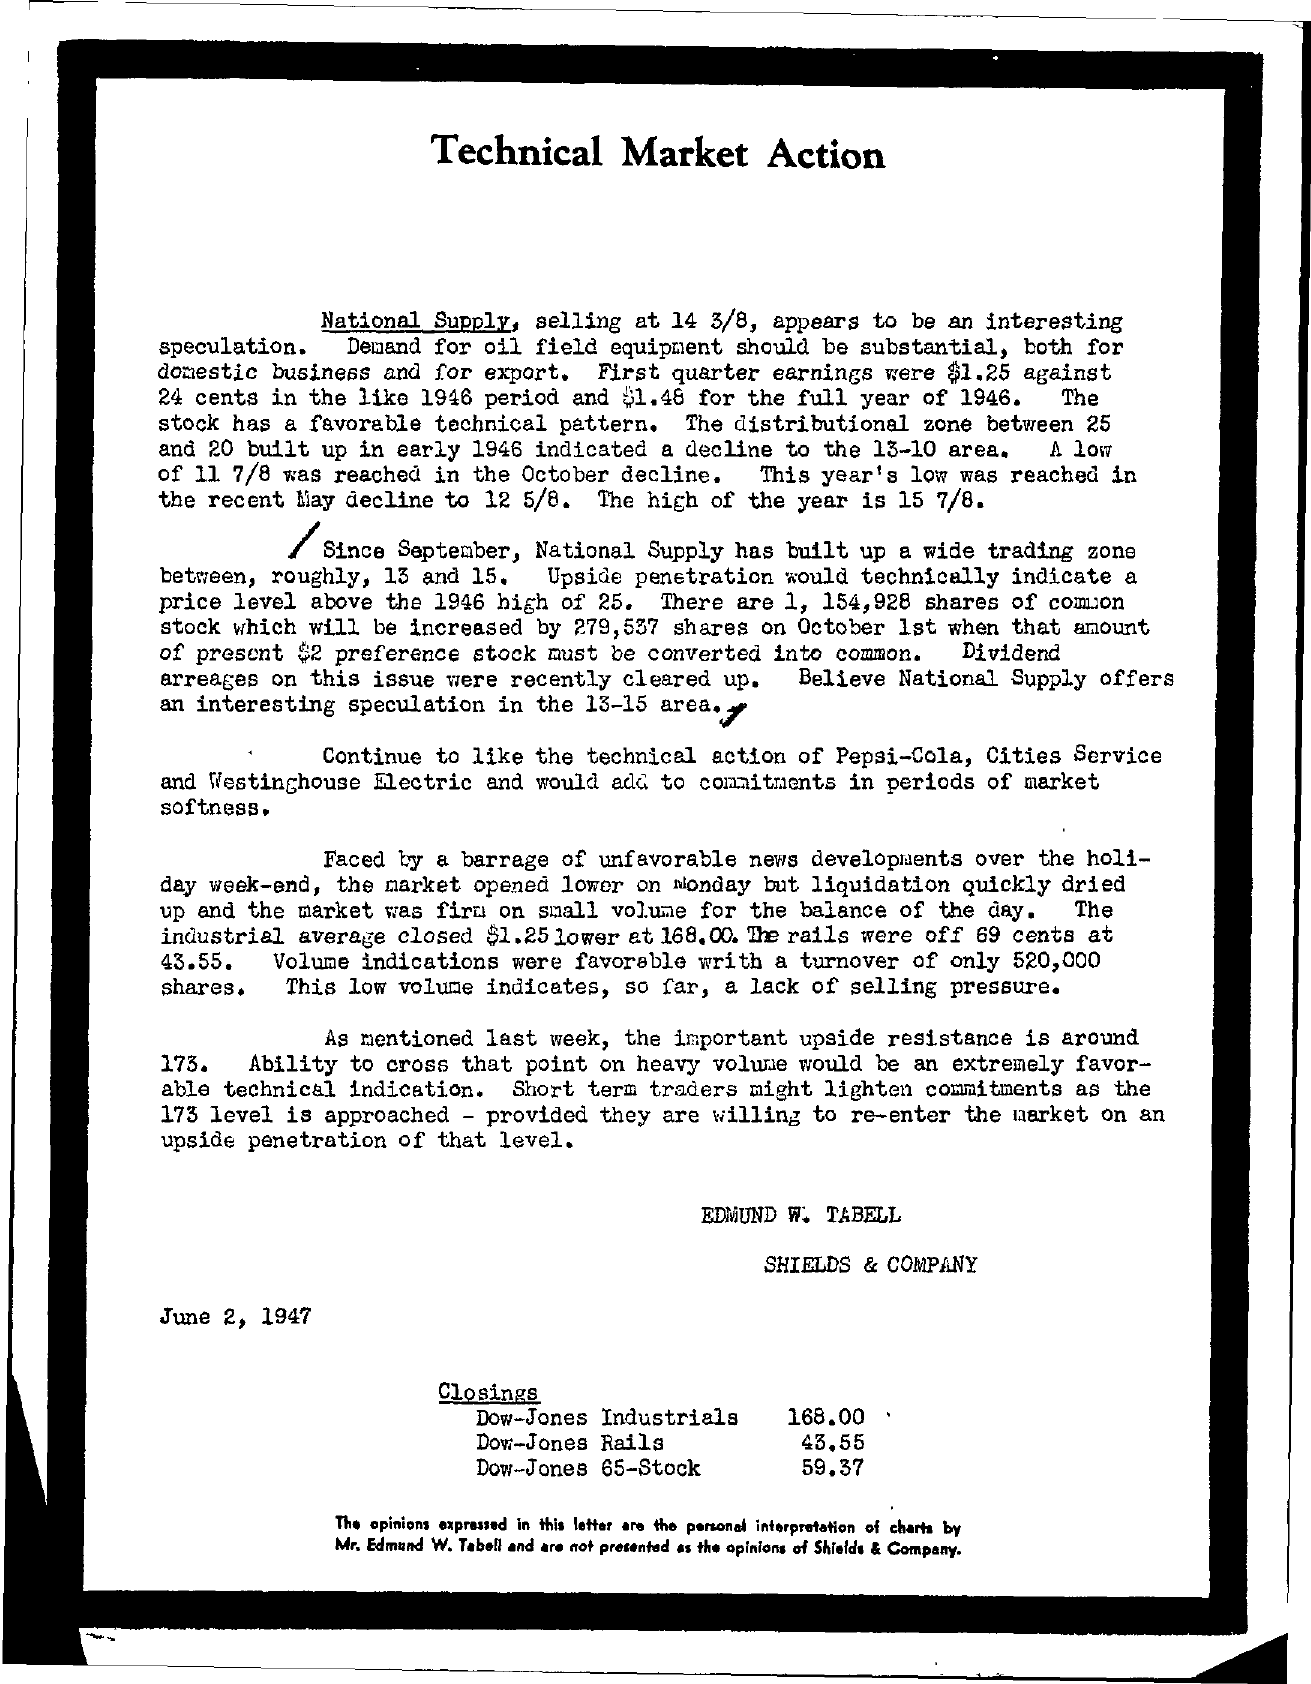 Tabell's Market Letter - June 02, 1947